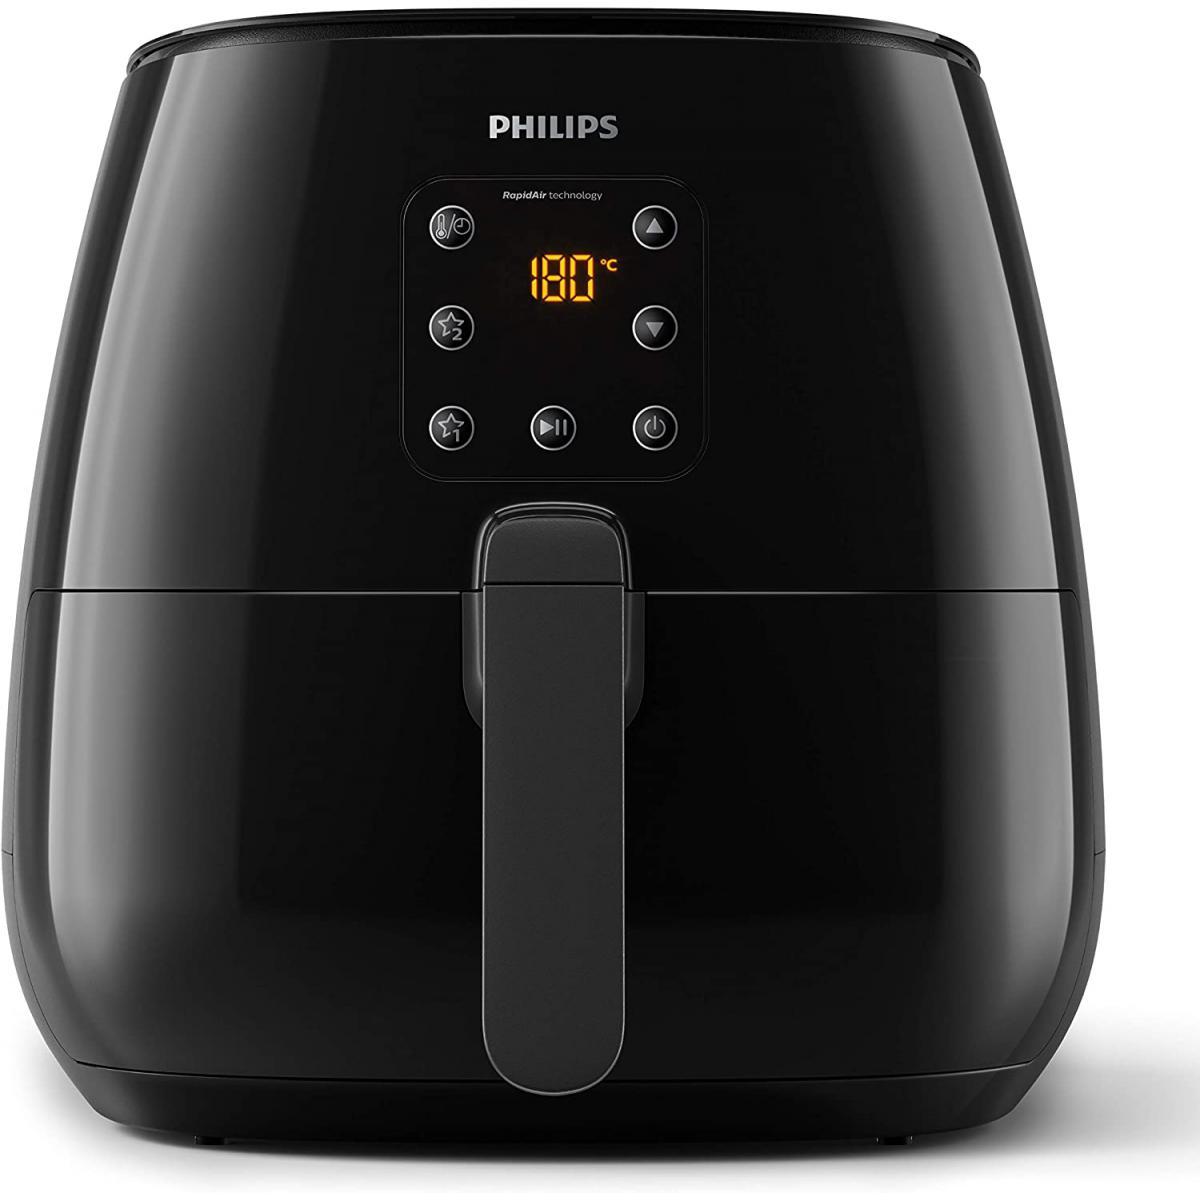 Philips friteuse électrique de 1,2KG 1900W noir